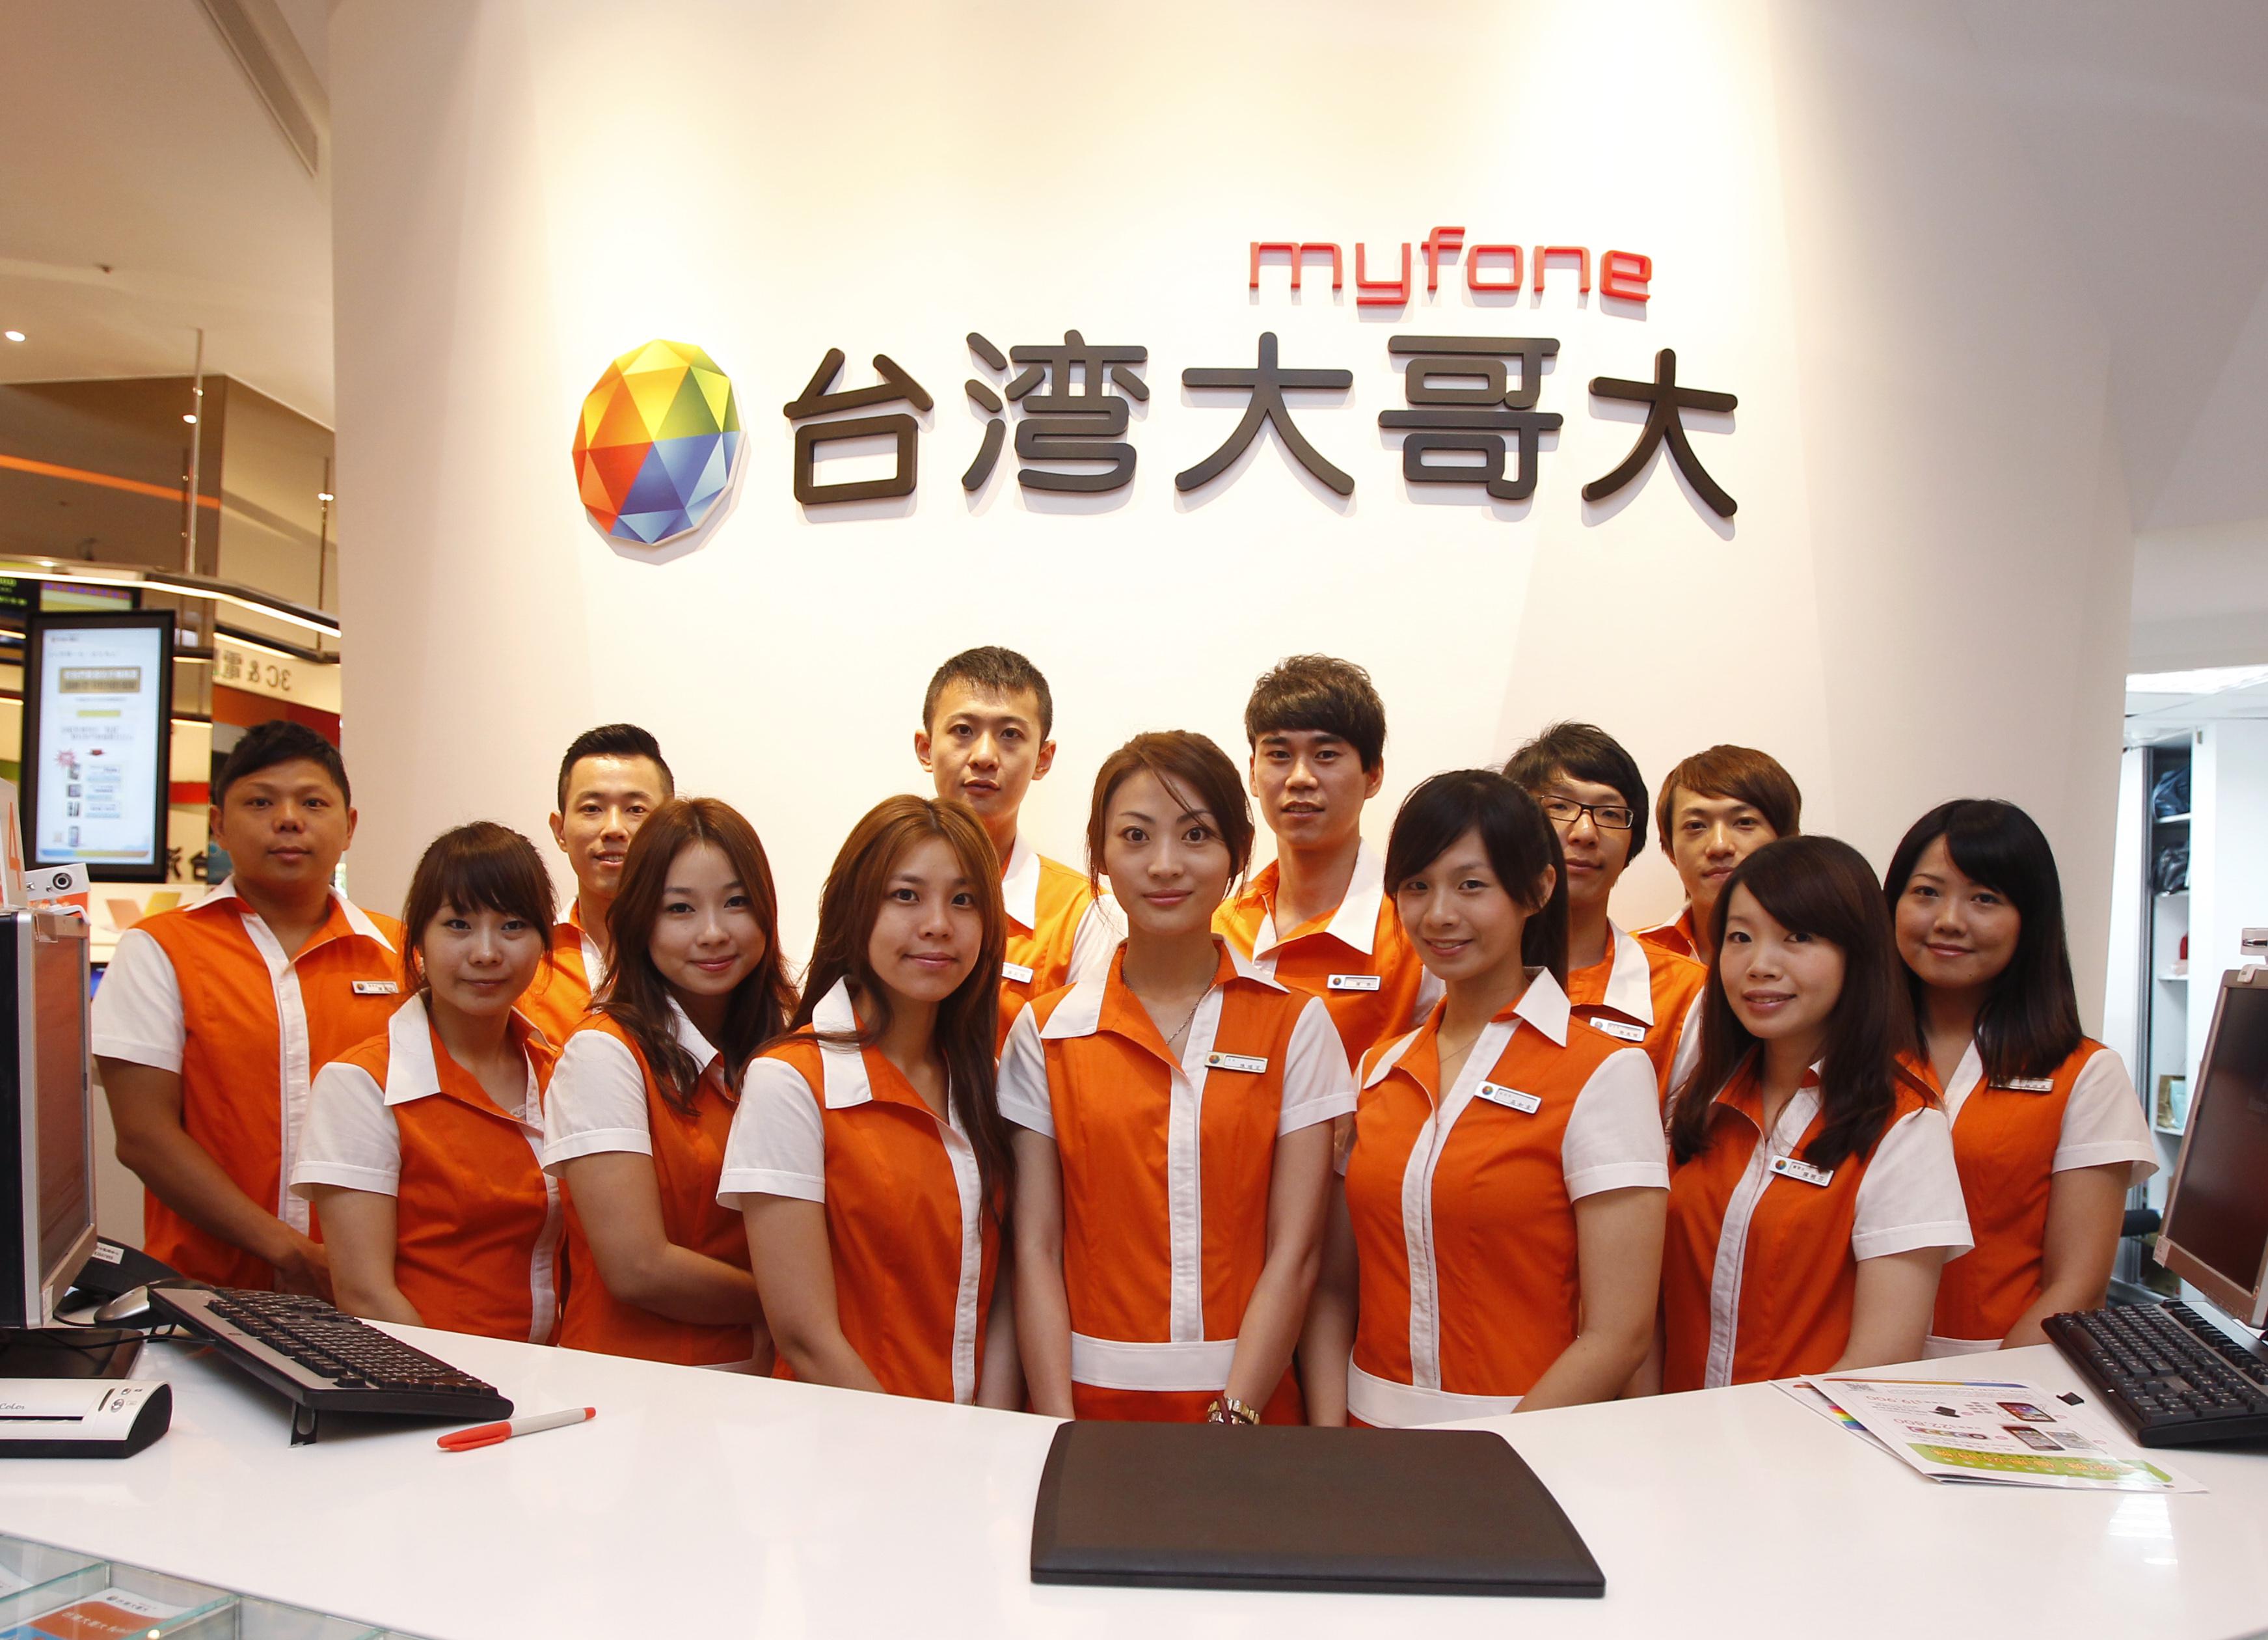 臺灣大哥大手機贈品|大哥|手機- 臺灣大哥大手機贈品|大哥|手機 - 快熱資訊 - 走進時代